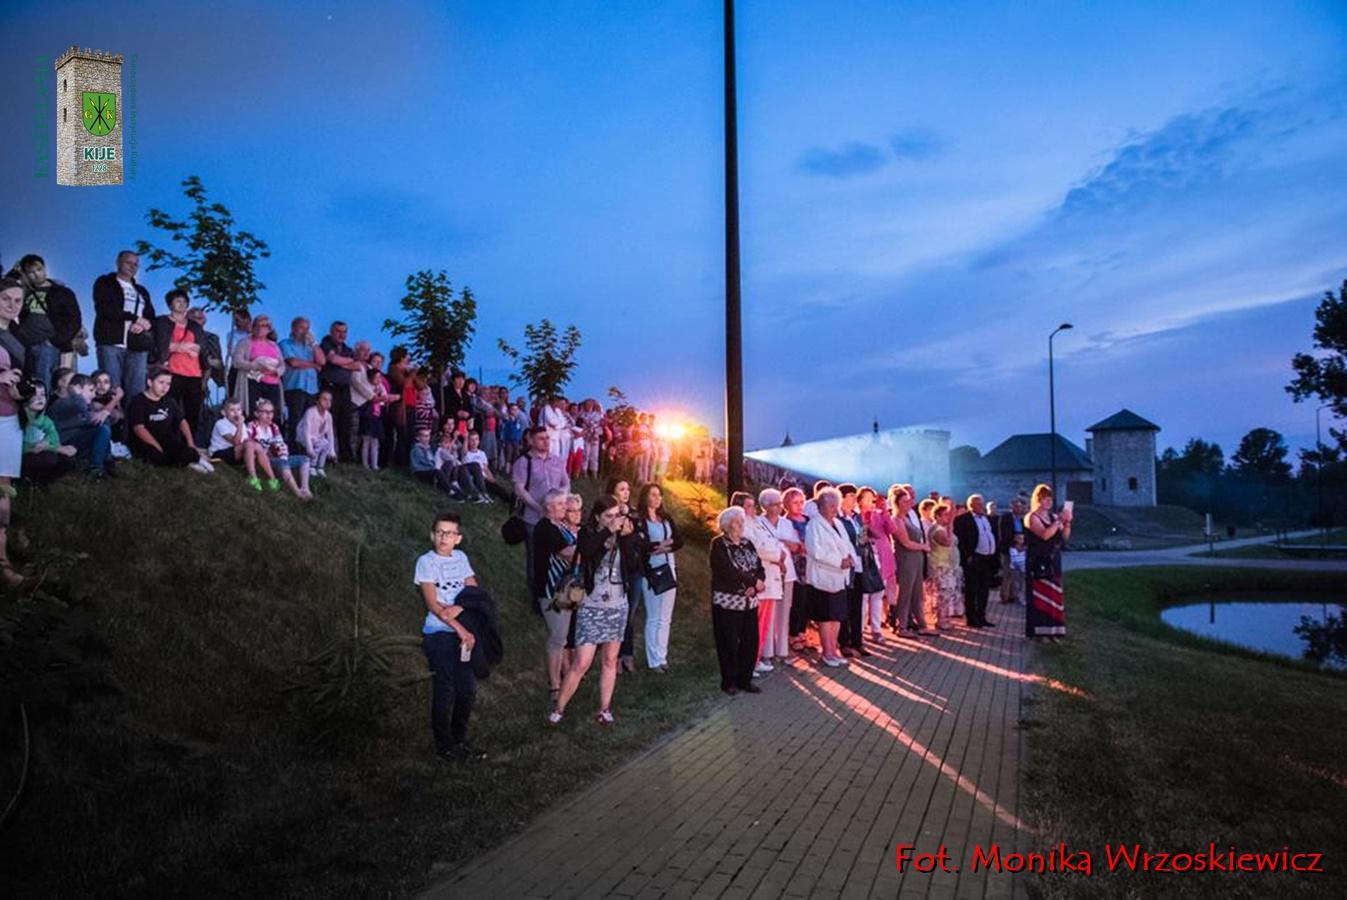 images/galleries/imprezy/2017/swieto_janki2017/wrzoskiewicz/2017.06.25-22 (Copy)